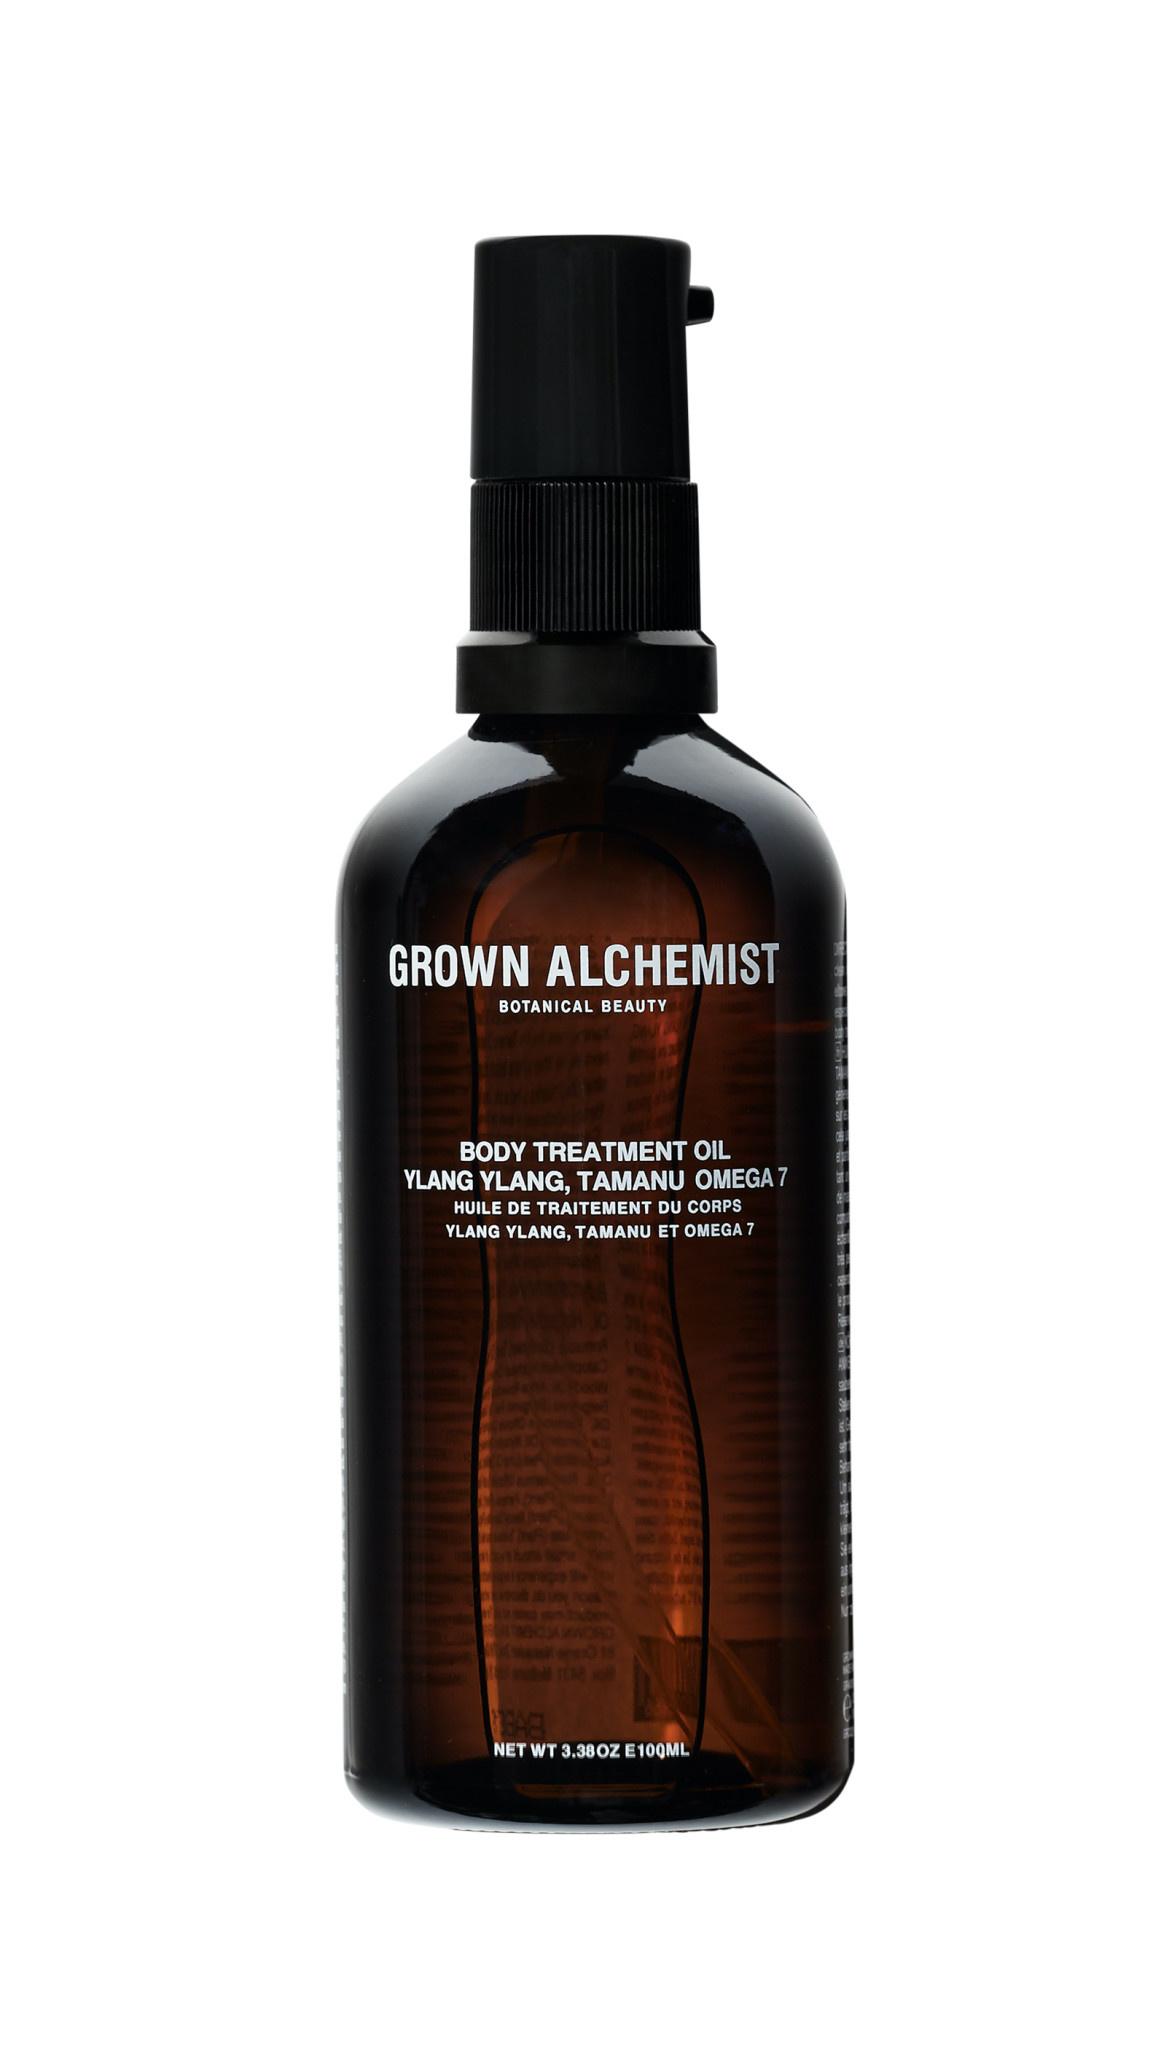 Body treatment oil ylang-ylang tamanu omega+7-1